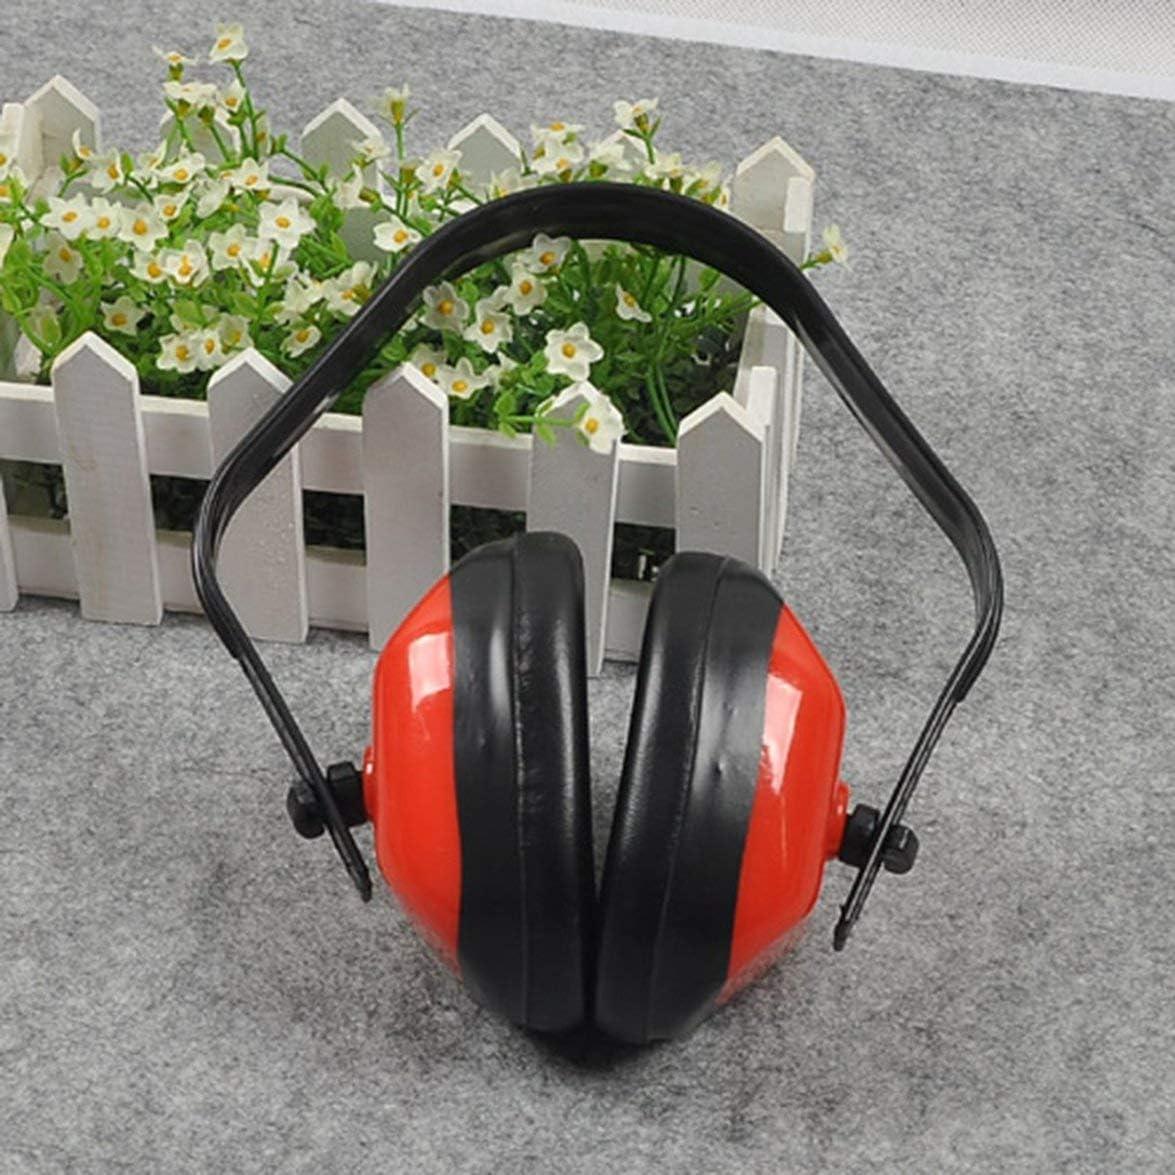 Sylvialuca Protection antibruit Protection antibruit Dormir R/éduction du Bruit de Sommeil Protection auditive Casque antibruit